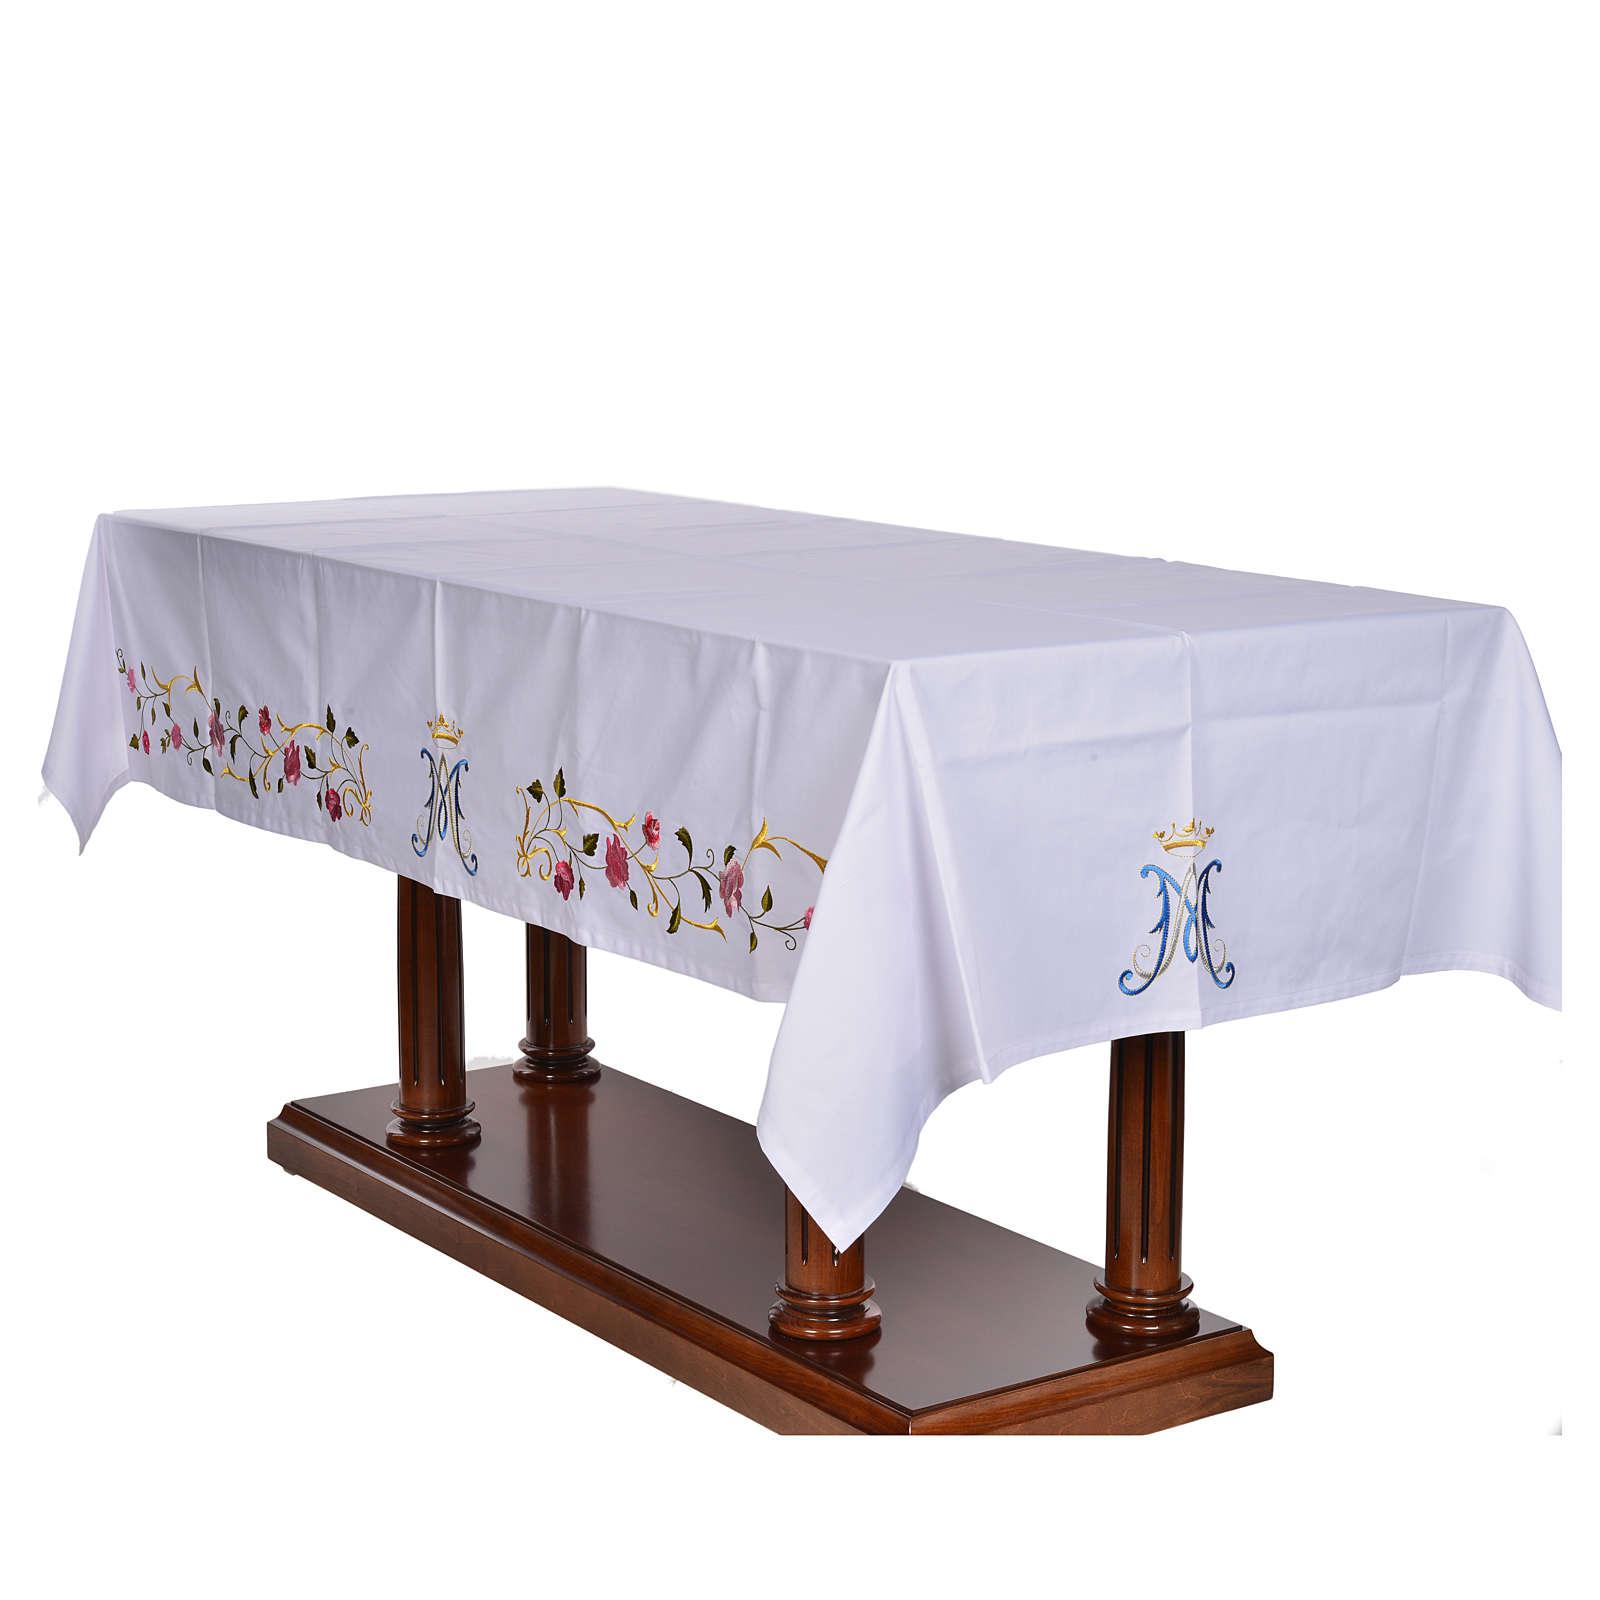 Tovaglia da altare simbolo mariano 45% cotone 55% pol. 4